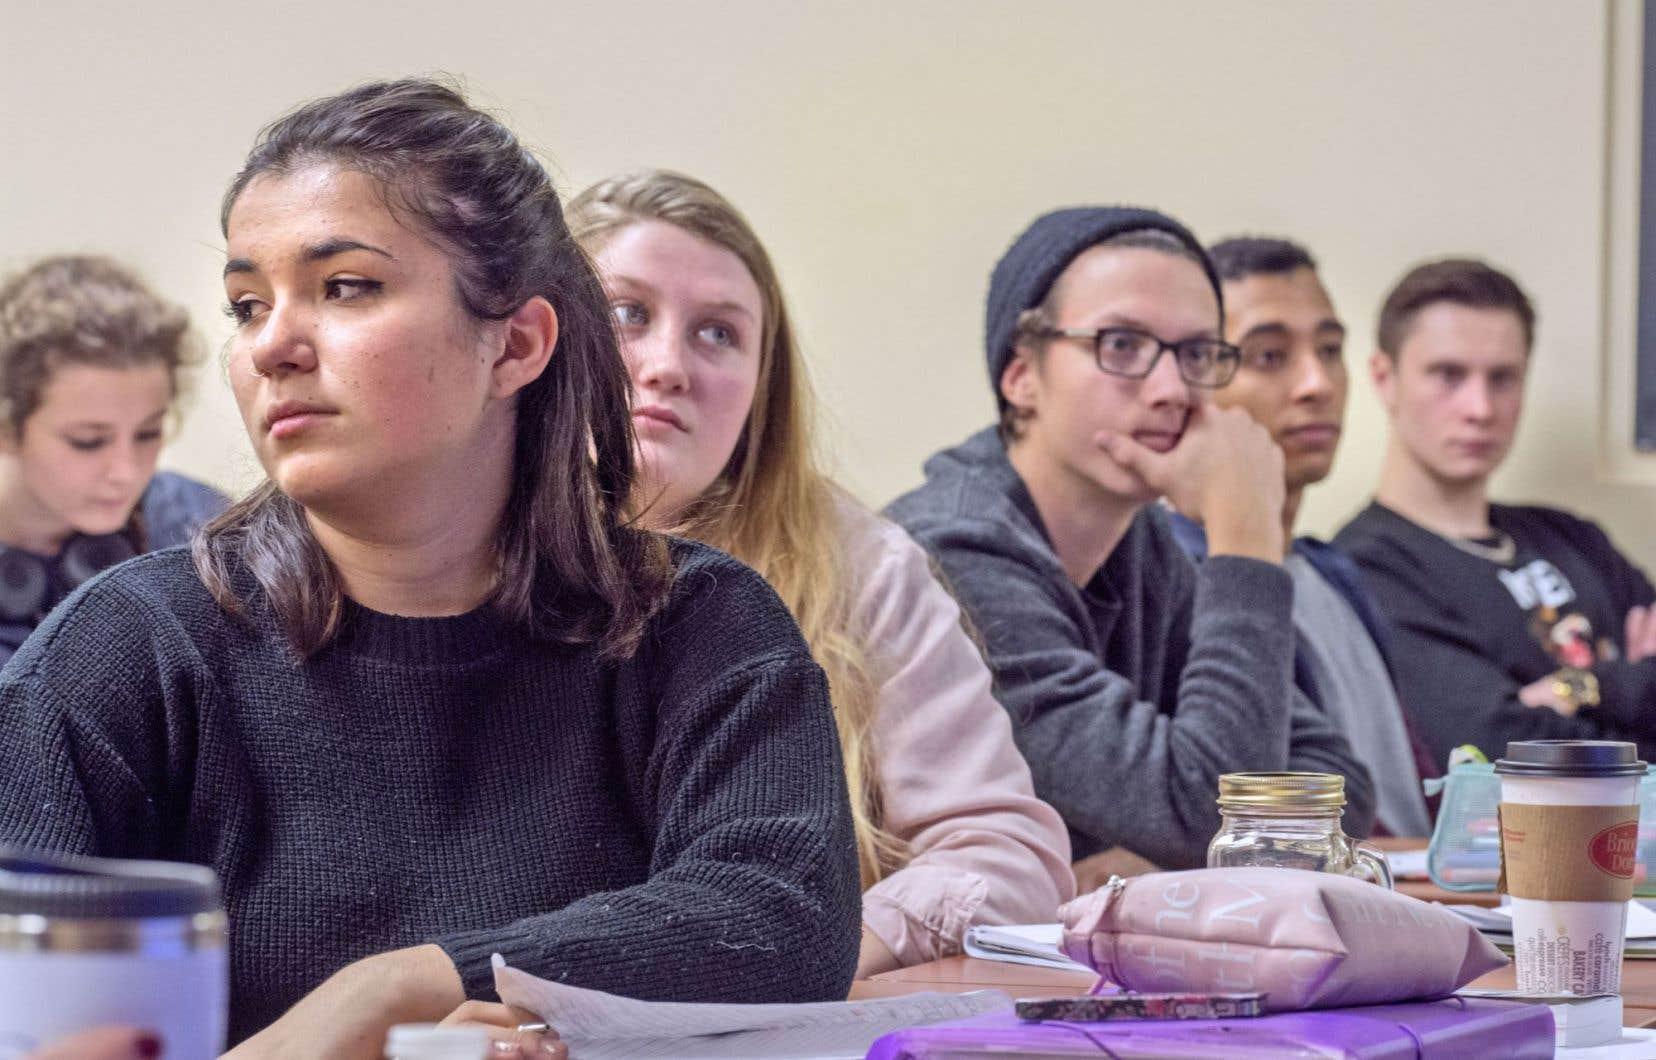 «L'éducation doit devenir le fondement d'une vraie social-démocratie moderne», écrivent les cinq cents jeunes signataires du texte.